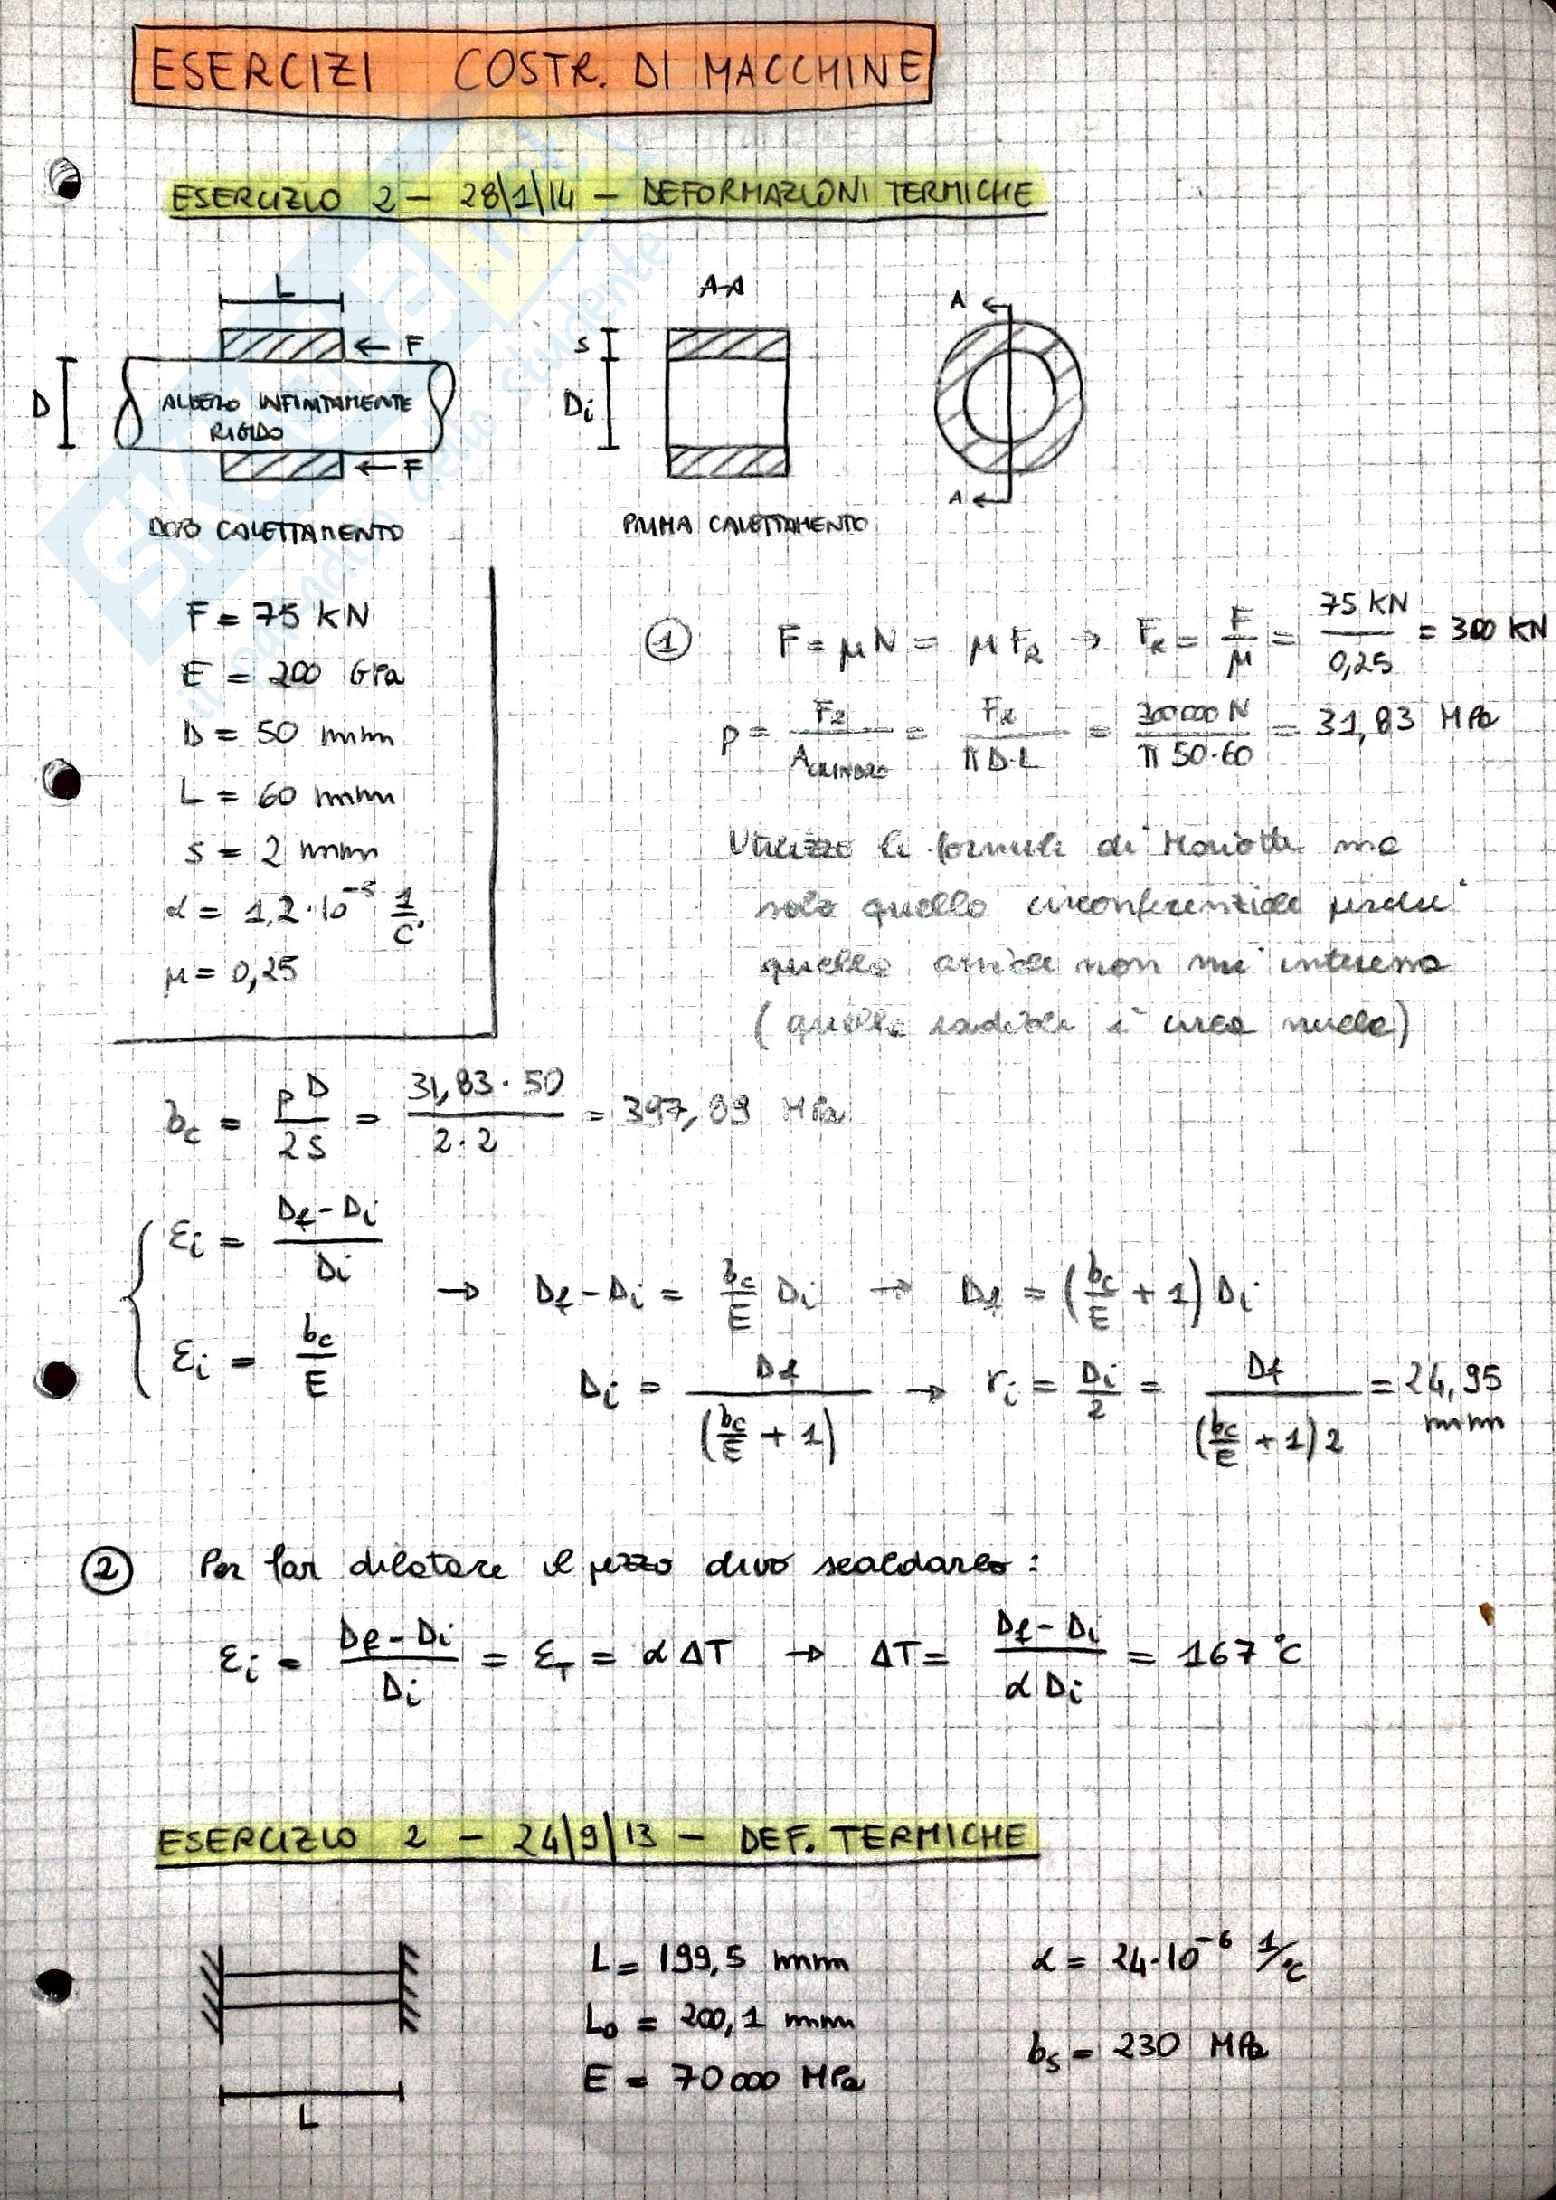 Esercizi Costruzione di Macchine, prof. Dario Amodio